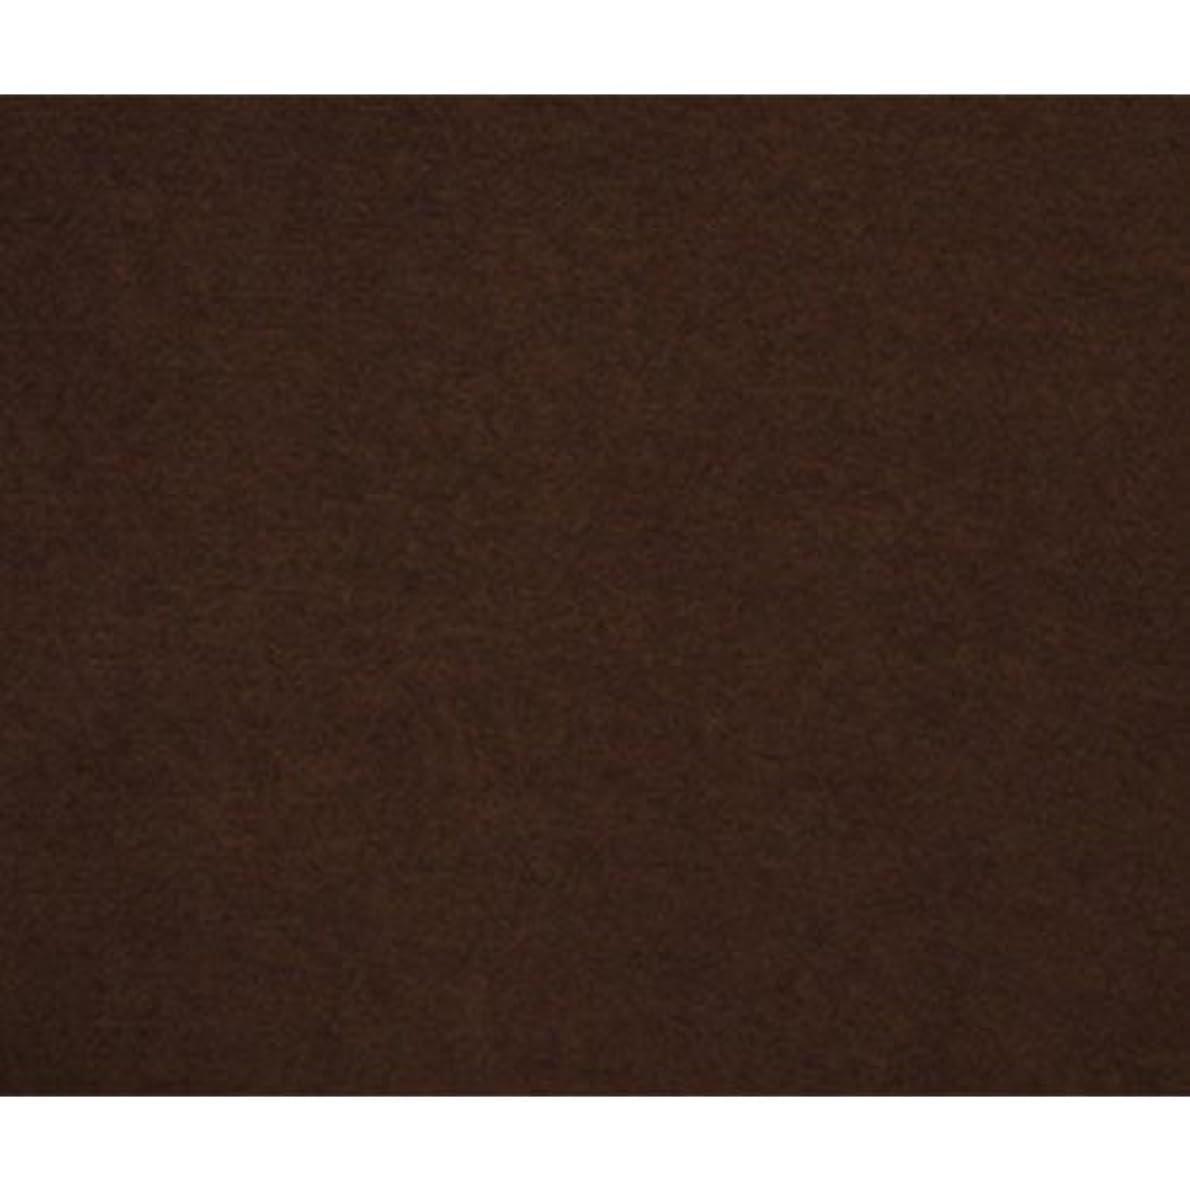 十一ドライバ女優アイリスオーヤマ 椅子カバー フルカバー ジャガード 幅35~45×奥行40~45×高さ50~55cm ブラウン JCC-FL